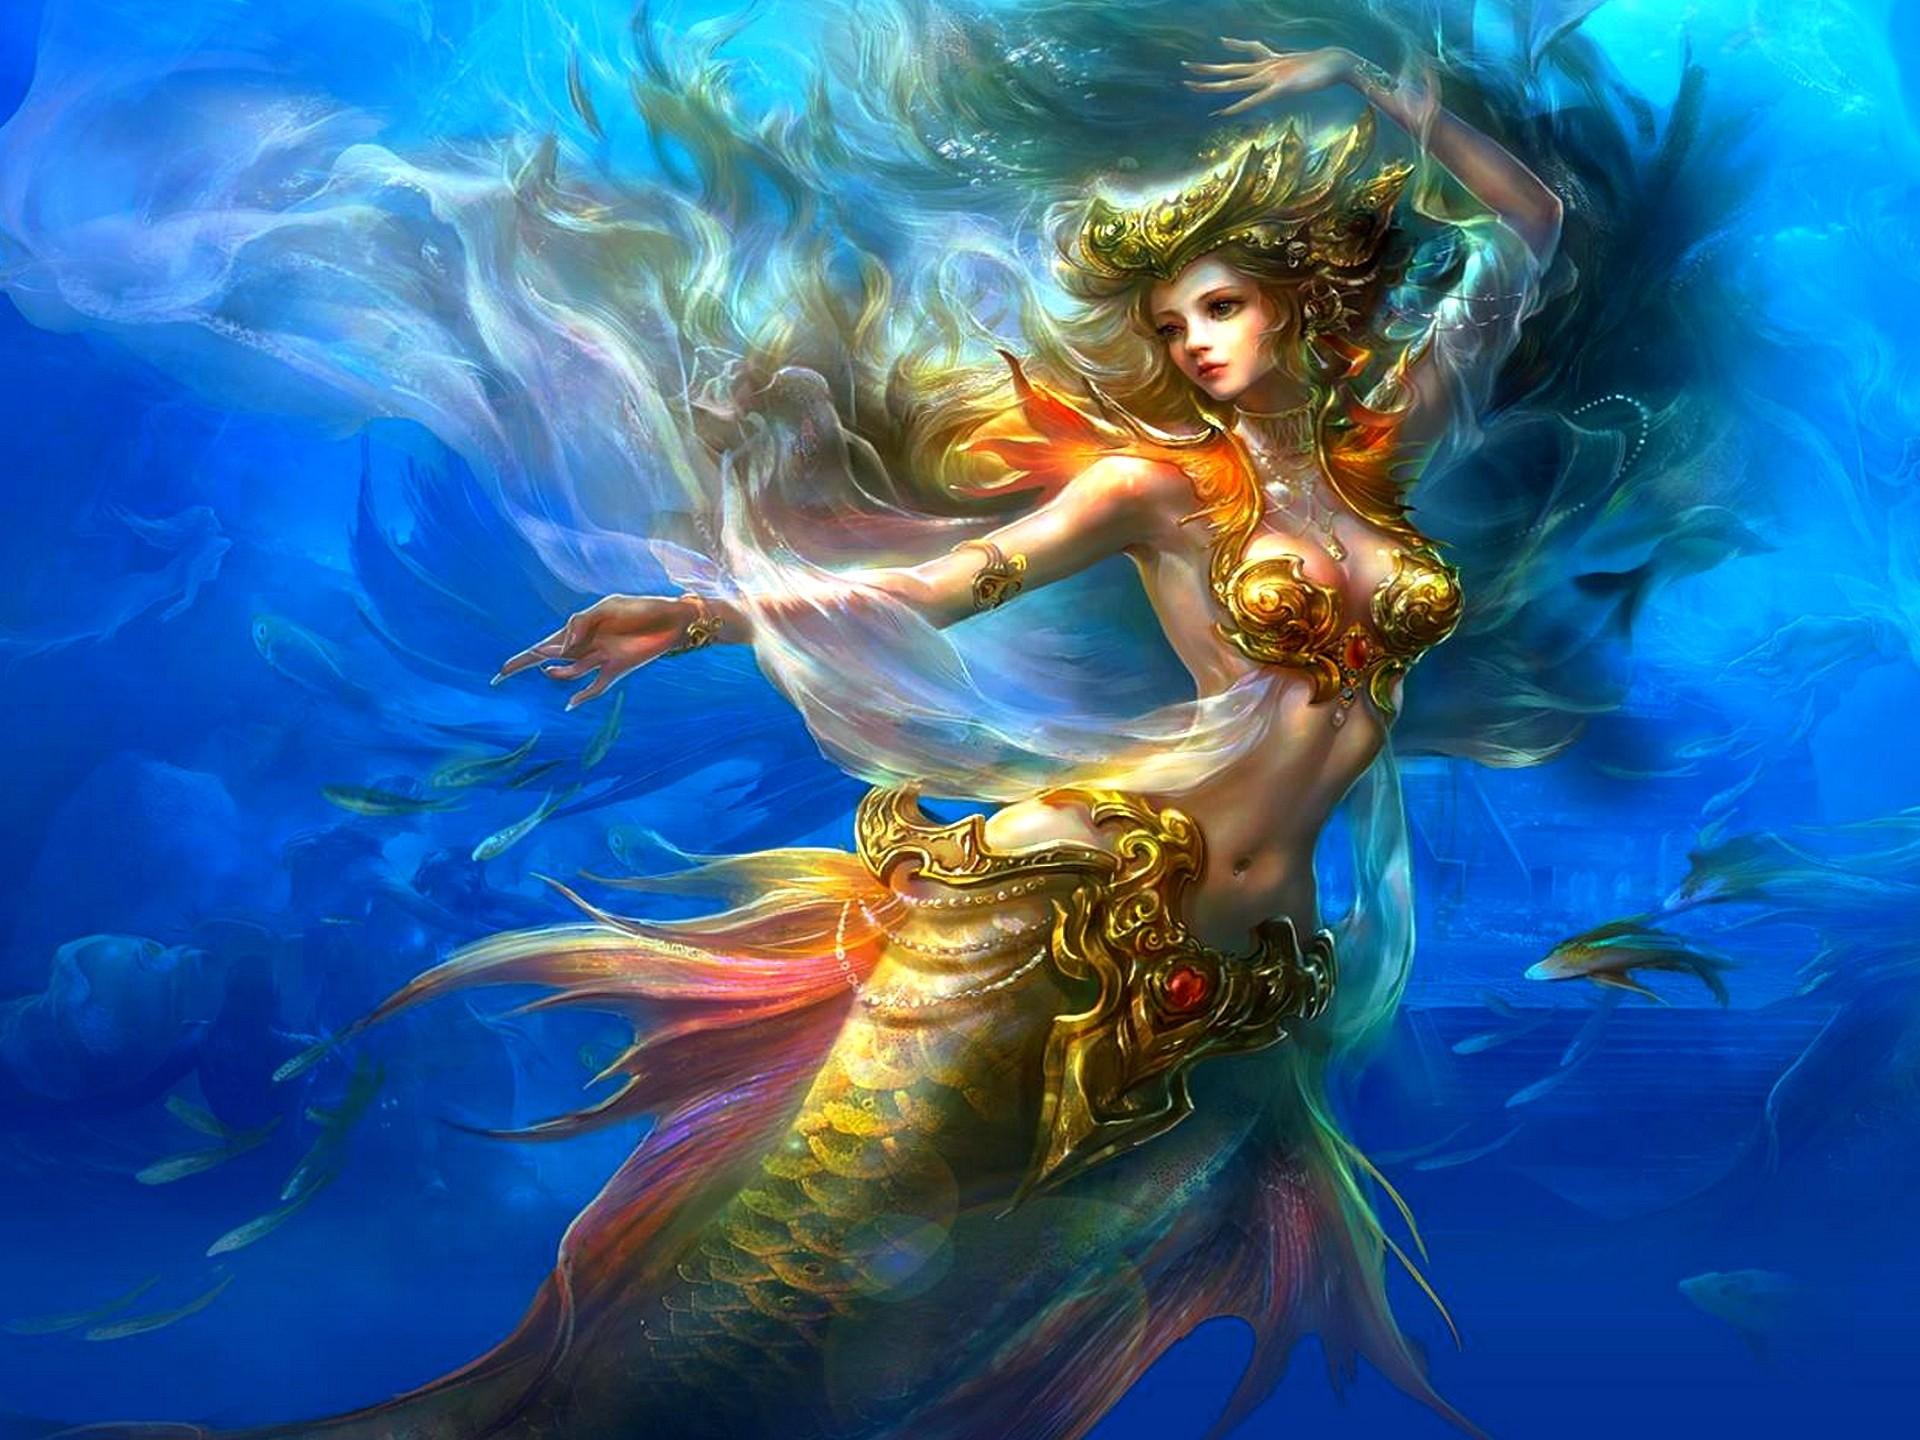 Anime Mermaid